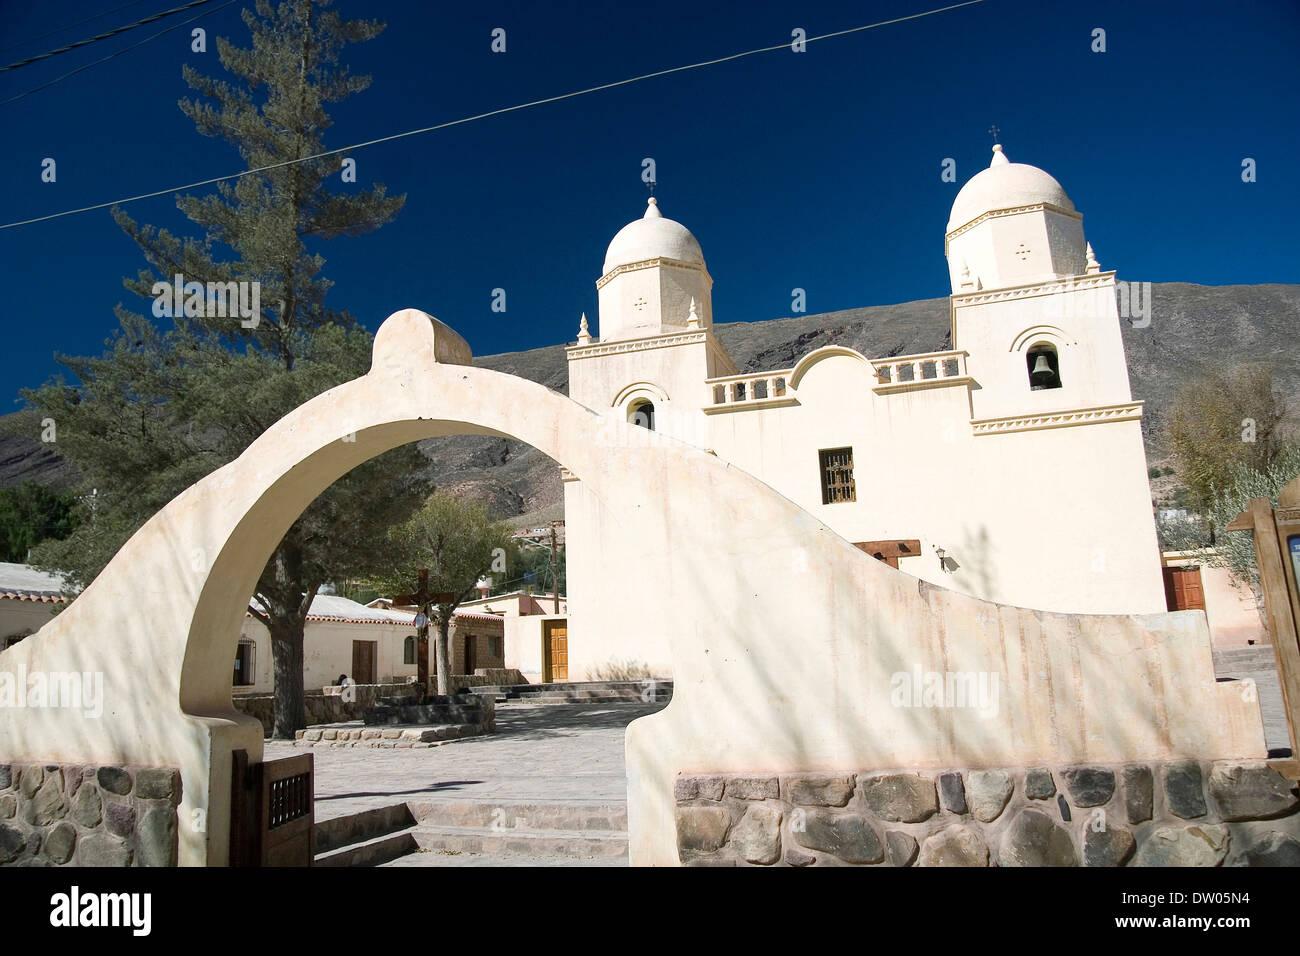 Tilcara church, Quebrada de Humahuaca, Jujuy, Argentine - Stock Image